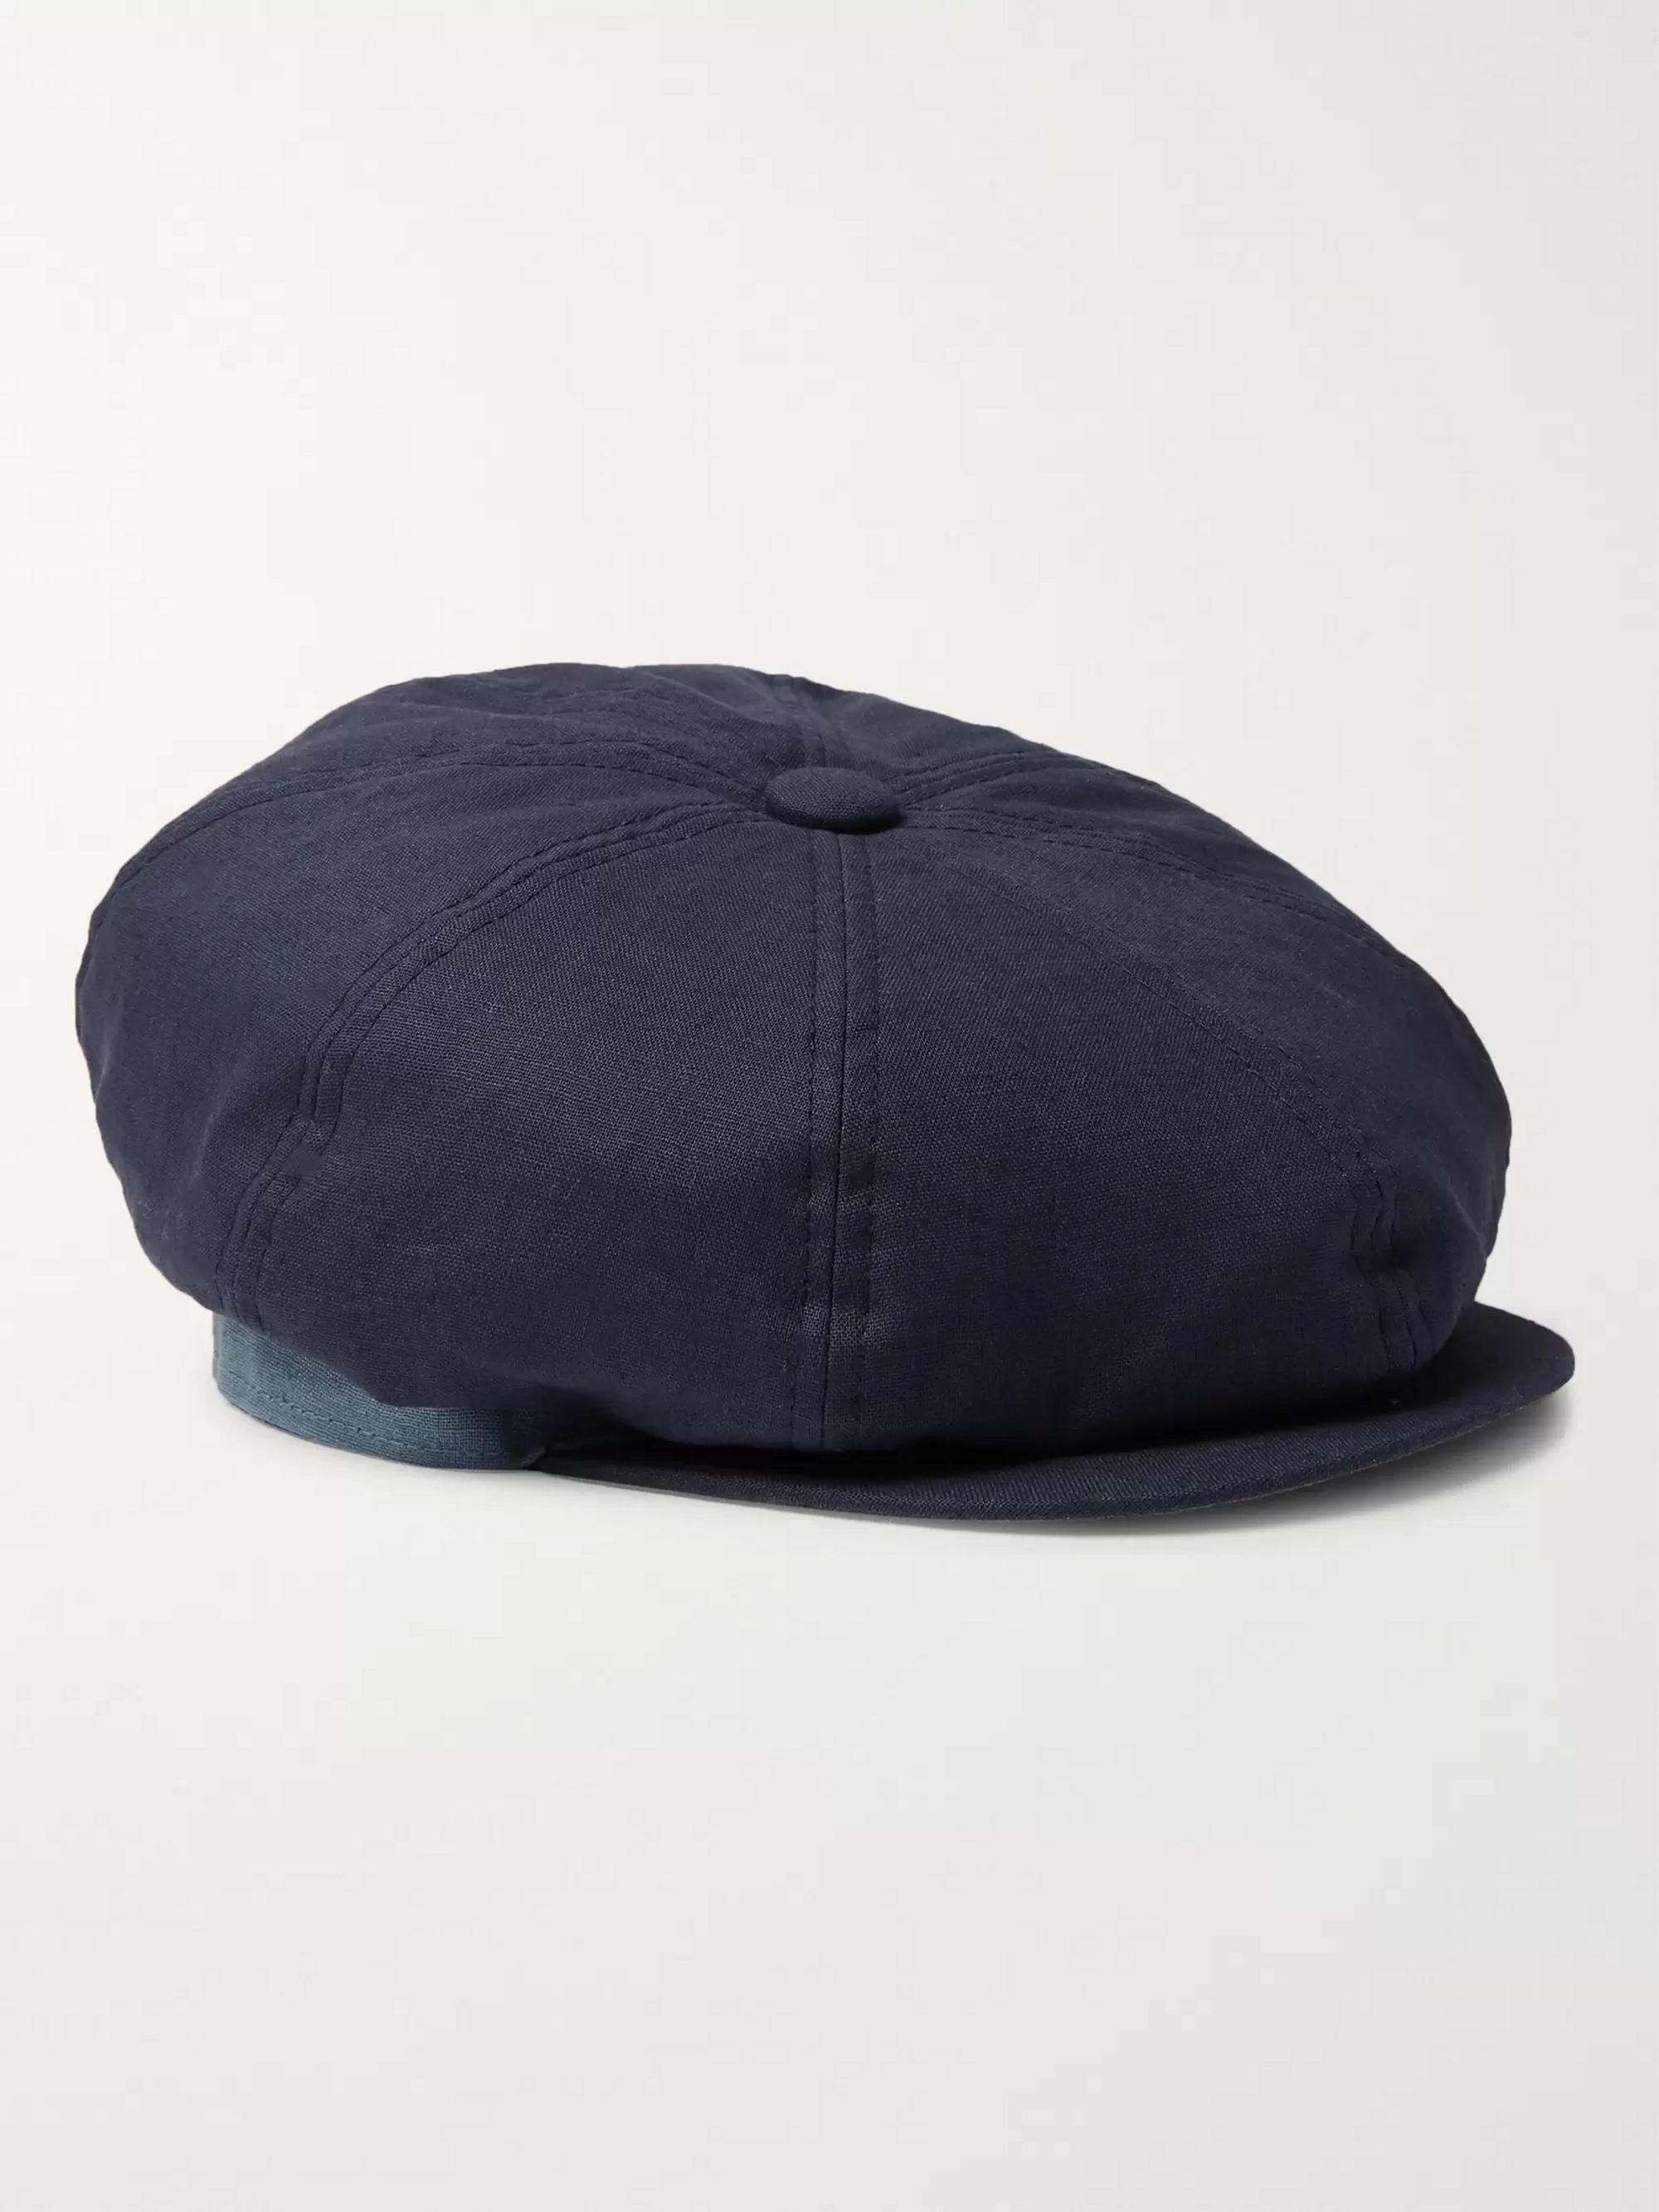 939f5b999 Linen Flat Cap